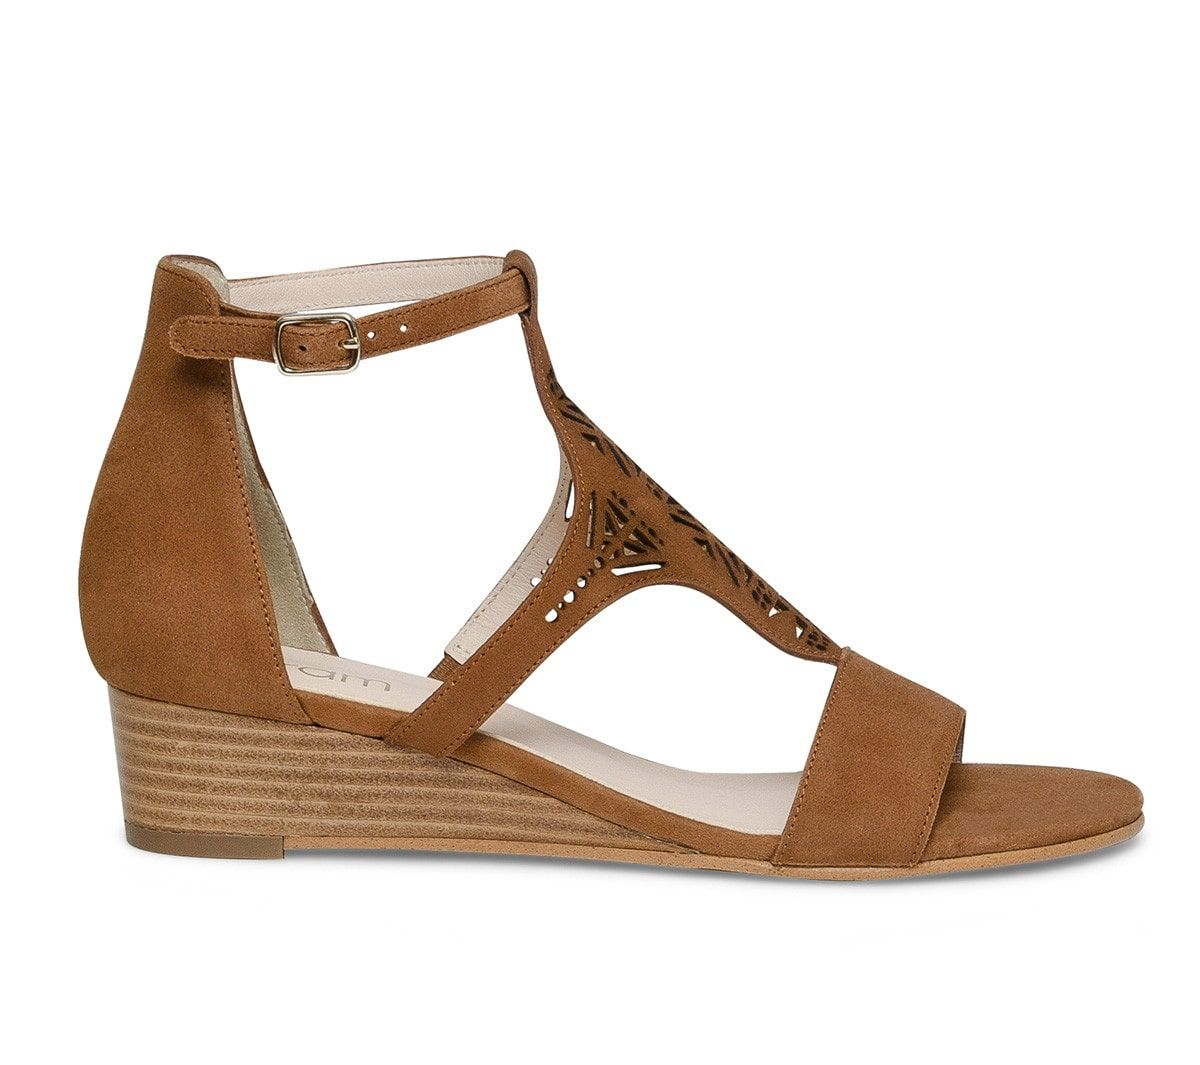 Sandale compensée cuir marron perforé Sandales talon